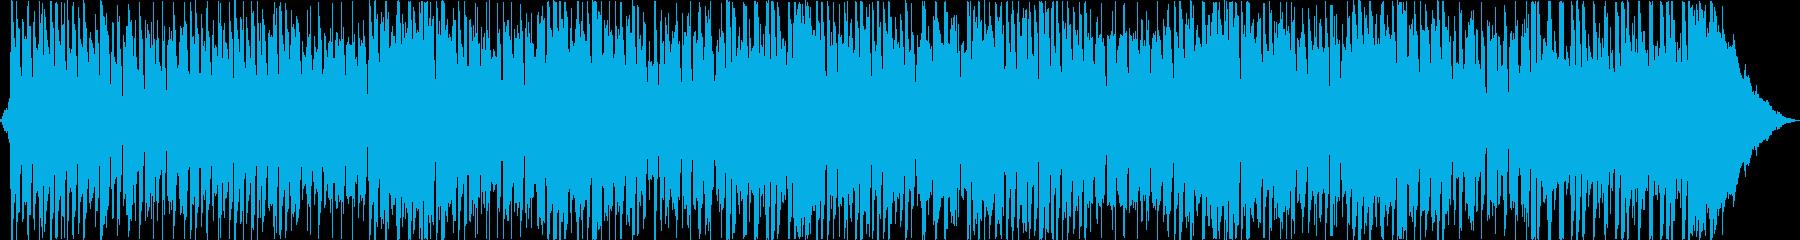 のんきなオバケ、コミカル/ハロウィンの再生済みの波形